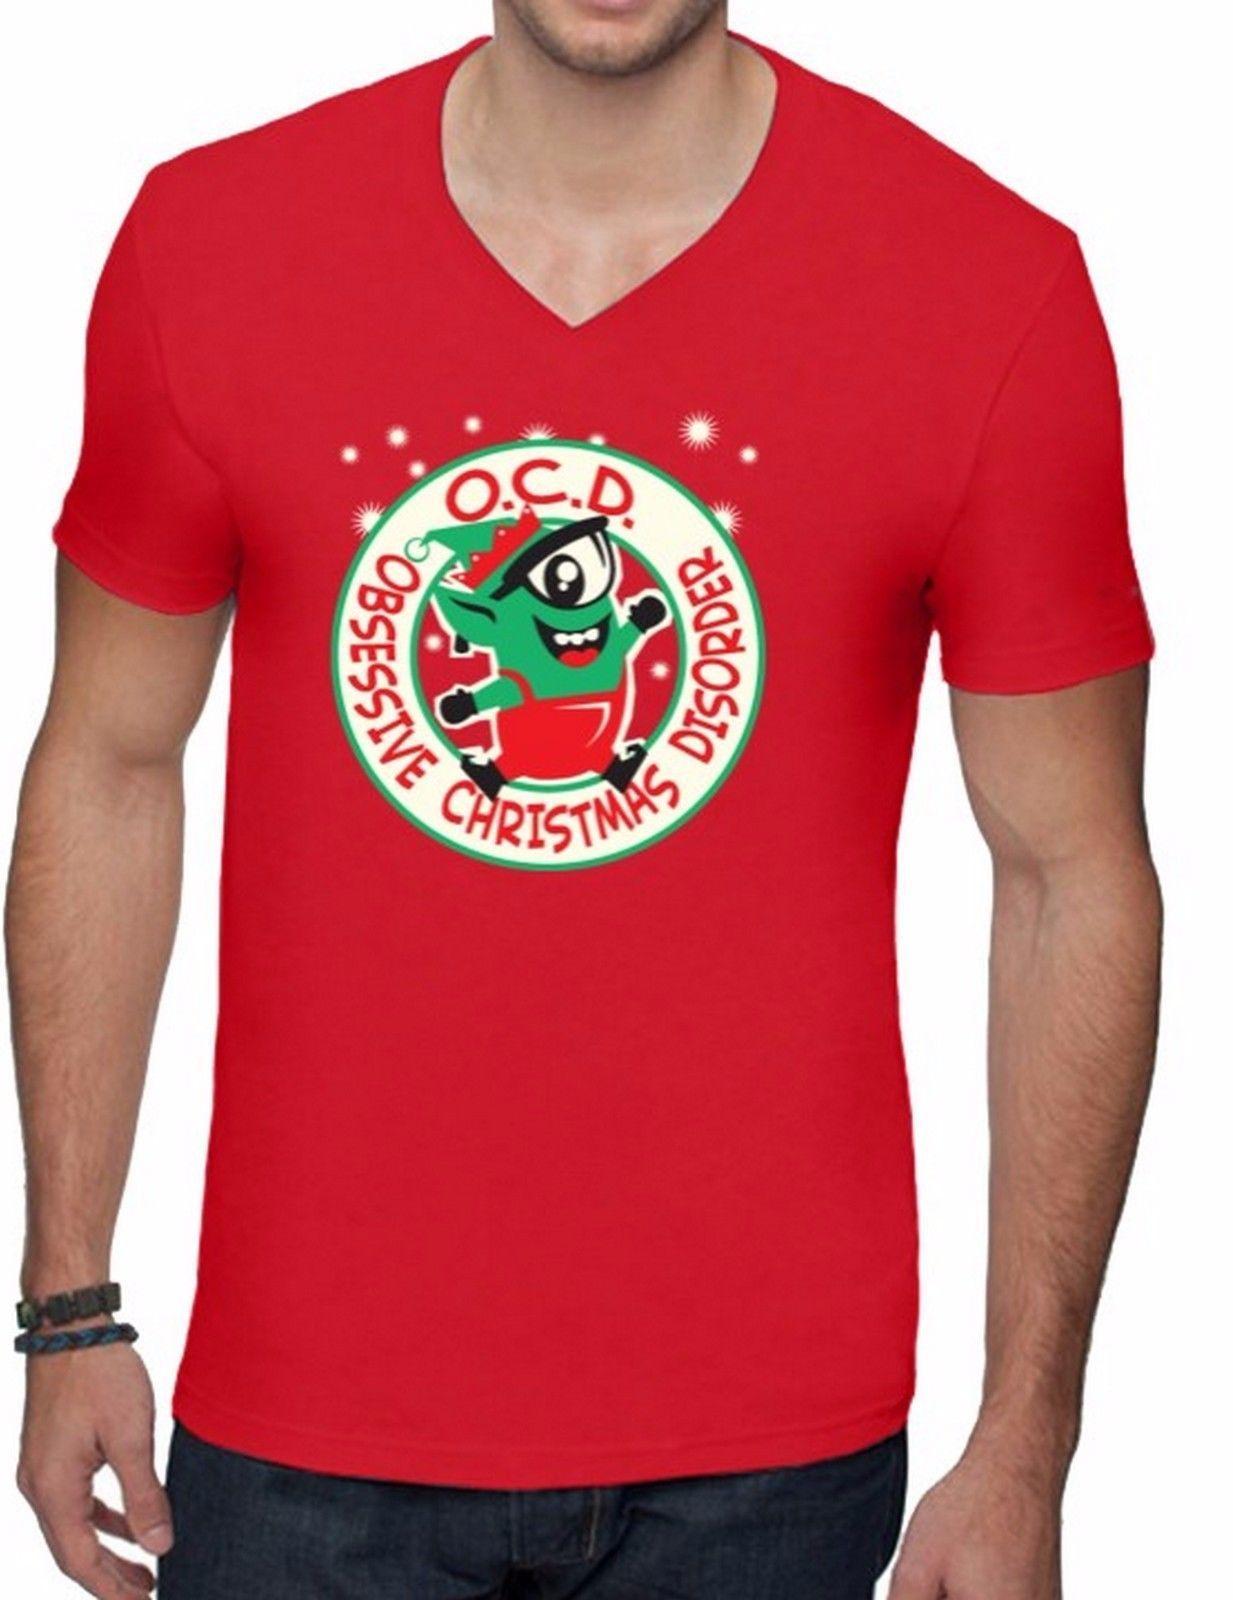 Ocd Obsessive Christmas Disorder Men V Neck T Shirt Ugly Christmas ...